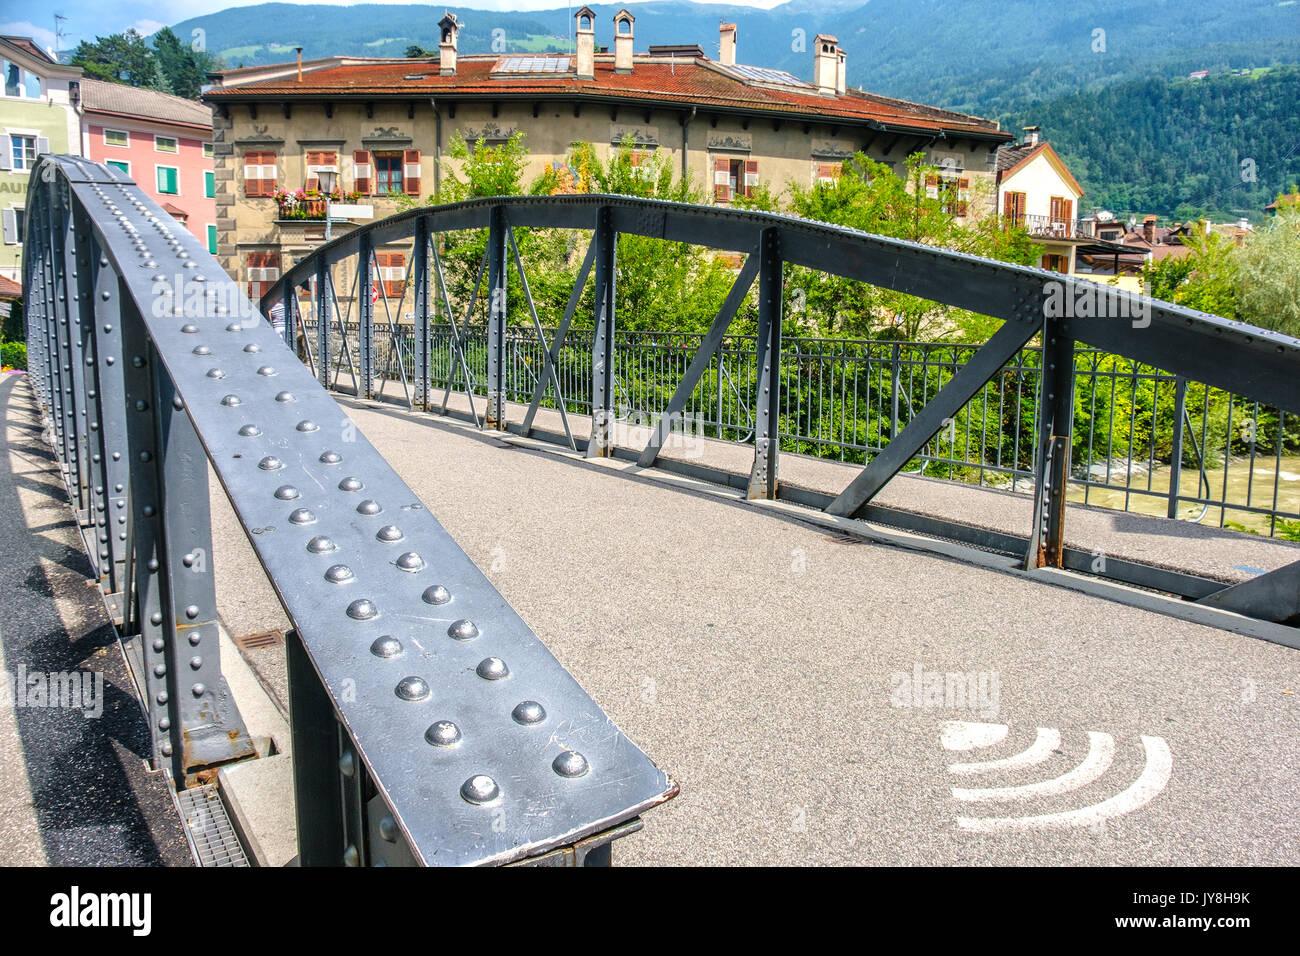 Public WLAN Bridge in Brixen niet Brücke mit wlan Symbol auf dem Boden Stockbild